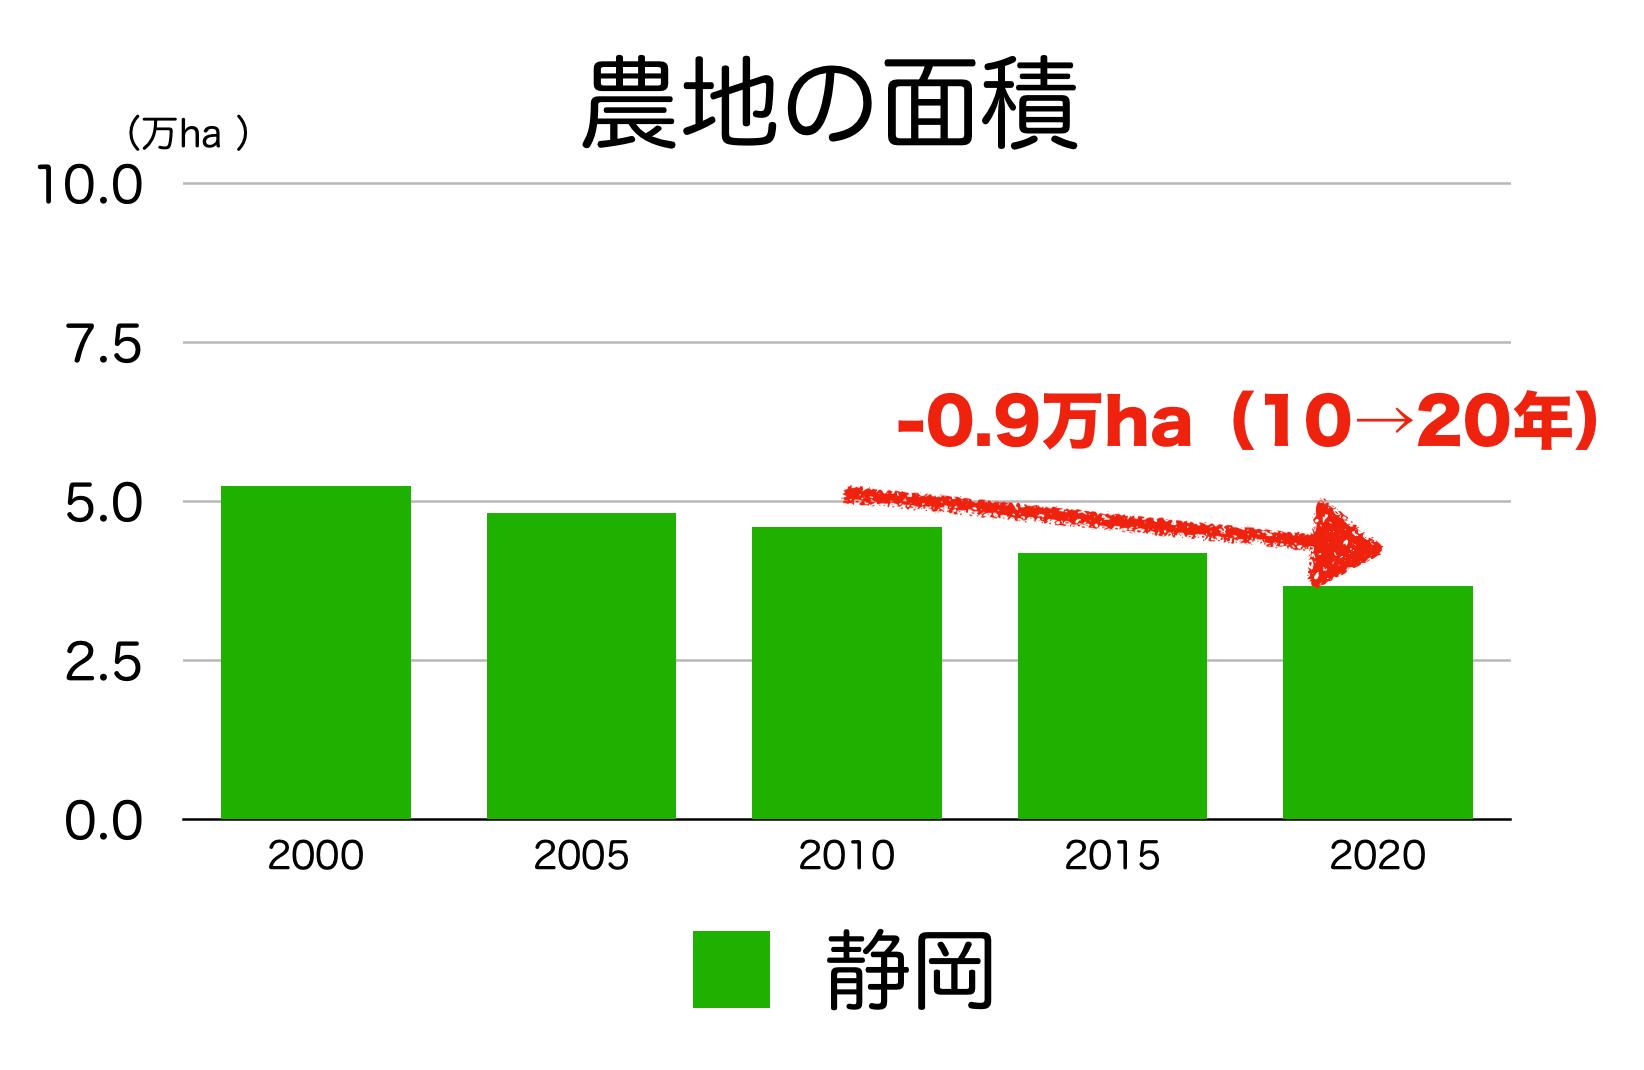 静岡県の農地面積